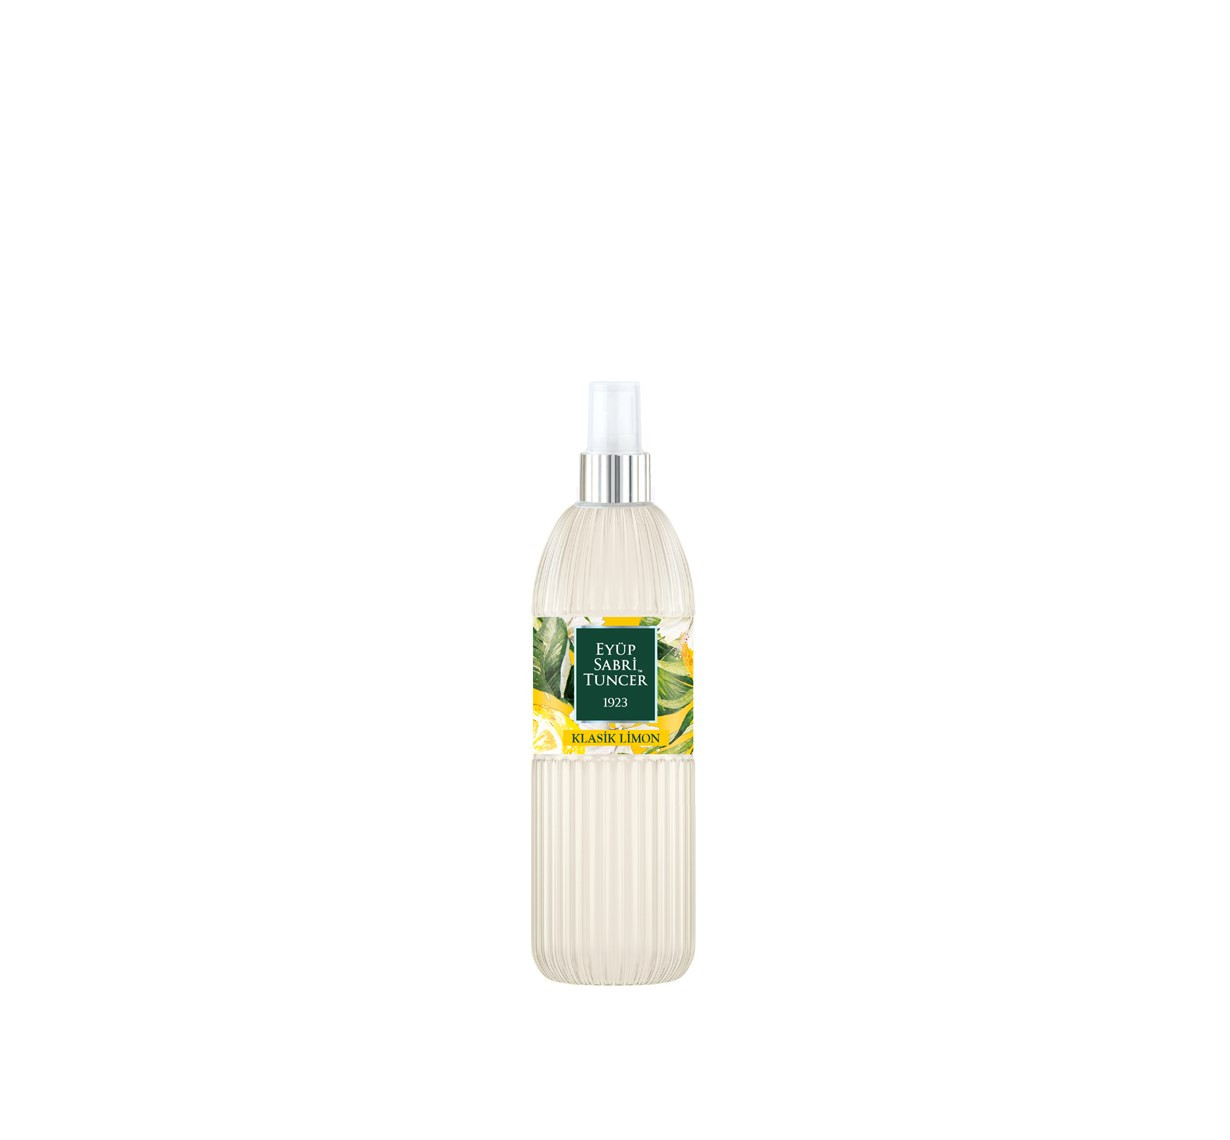 Eyüp Sabri Tuncer Klasik Limon 150 ml Sprey Kolonya - Pet Şişe